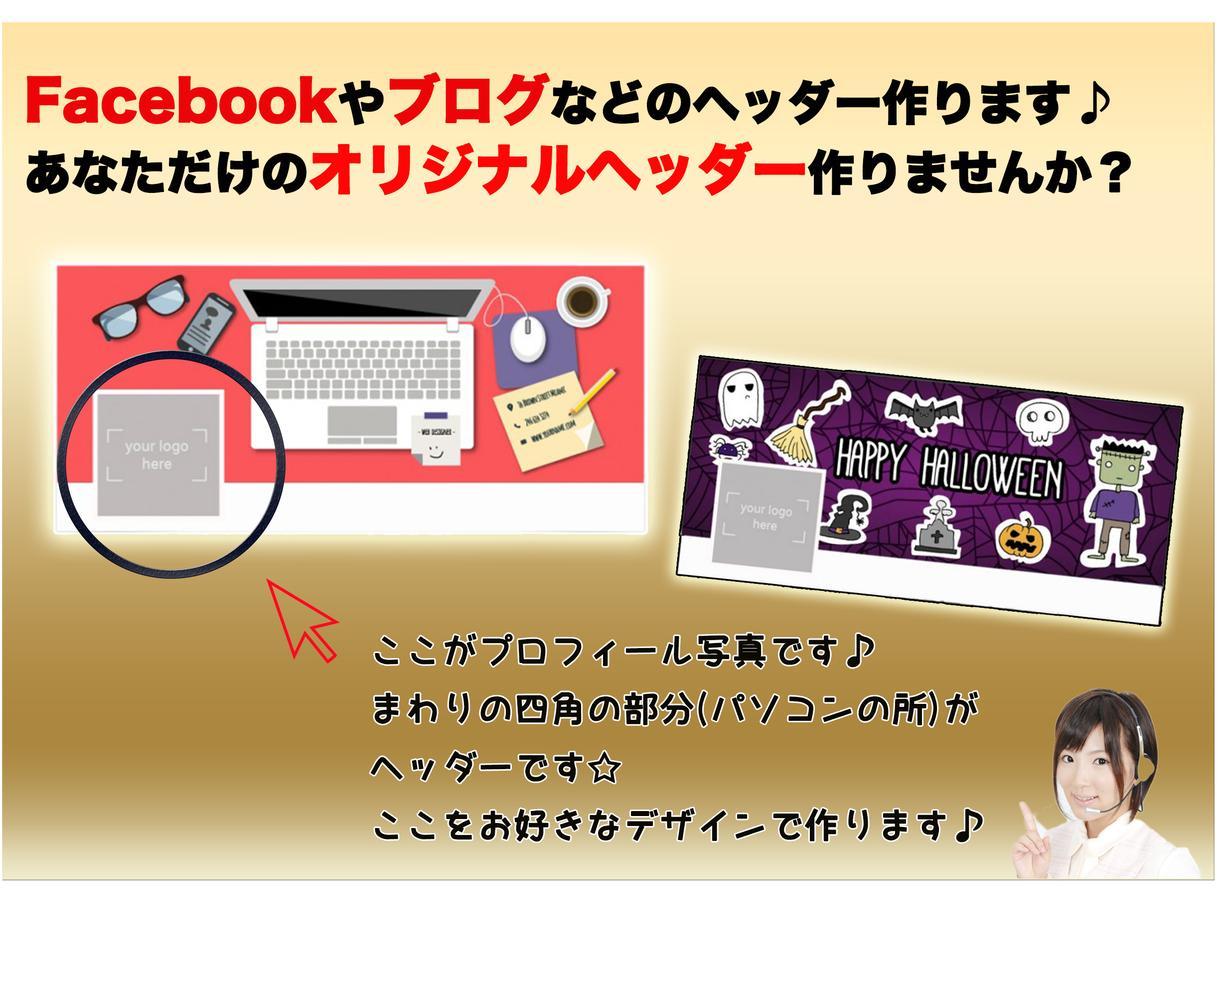 Facebookのカバー制作します(•ө•)♡